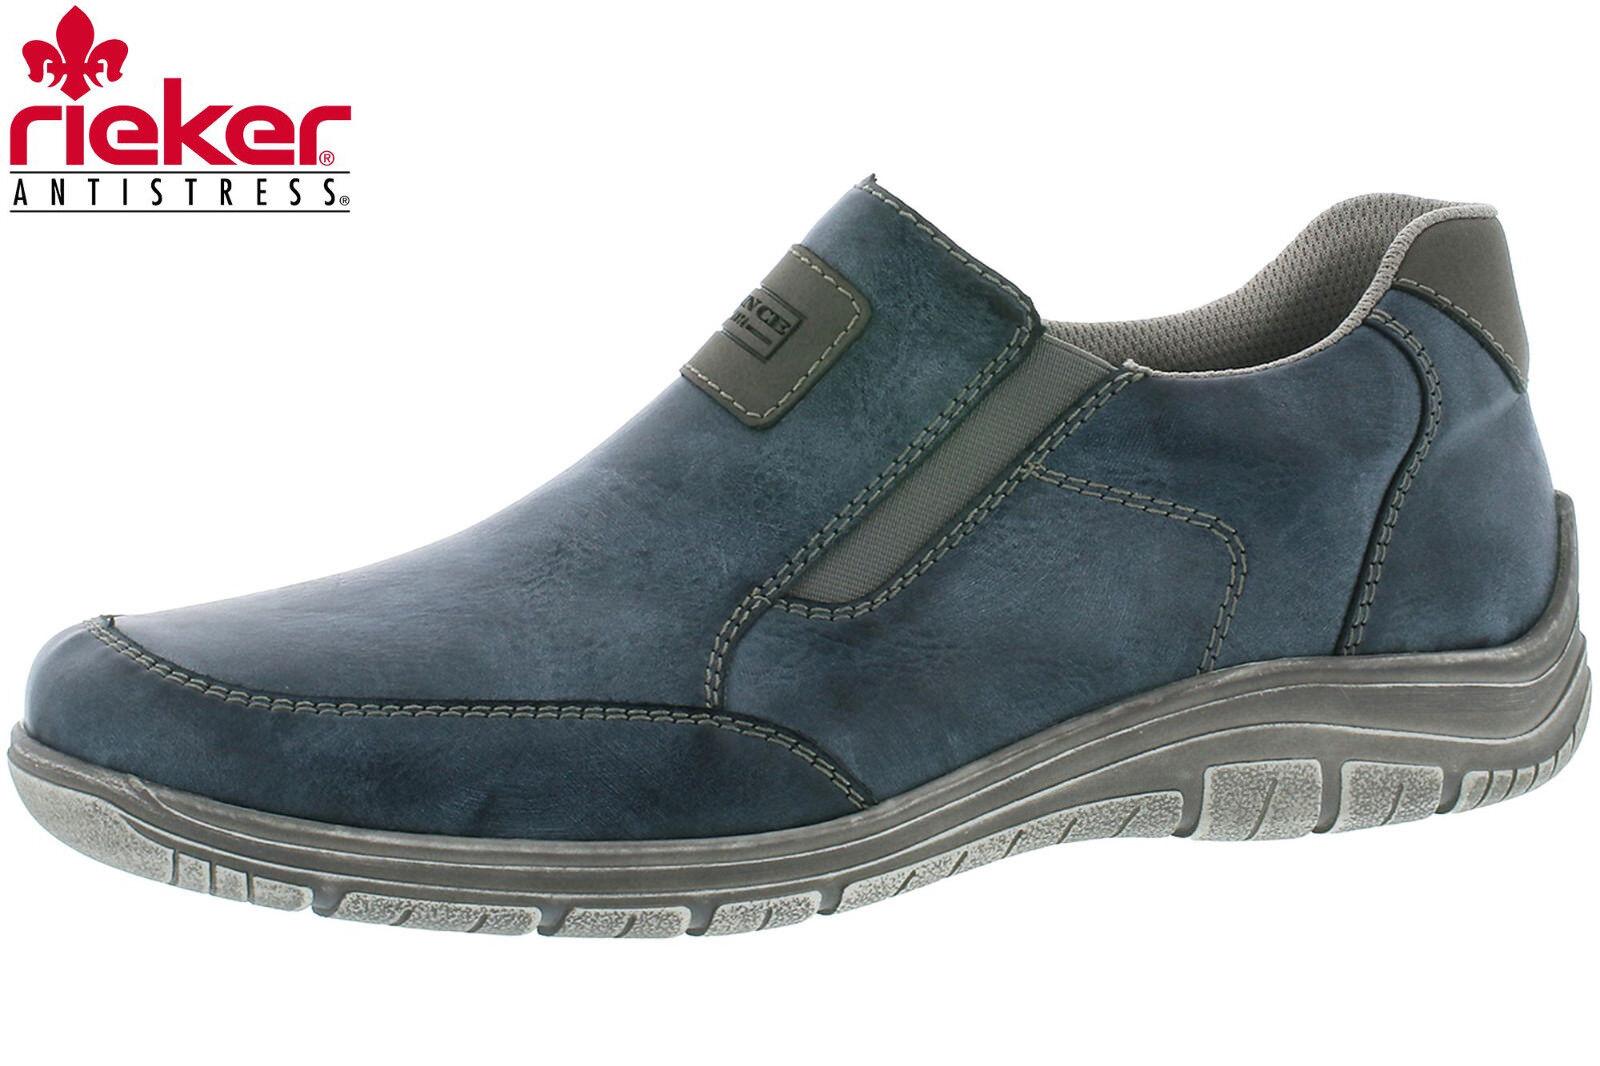 Rieker Herren Slipper Blau Sommer Schuhe Leder Optik Sneaker Slip On B6551-14